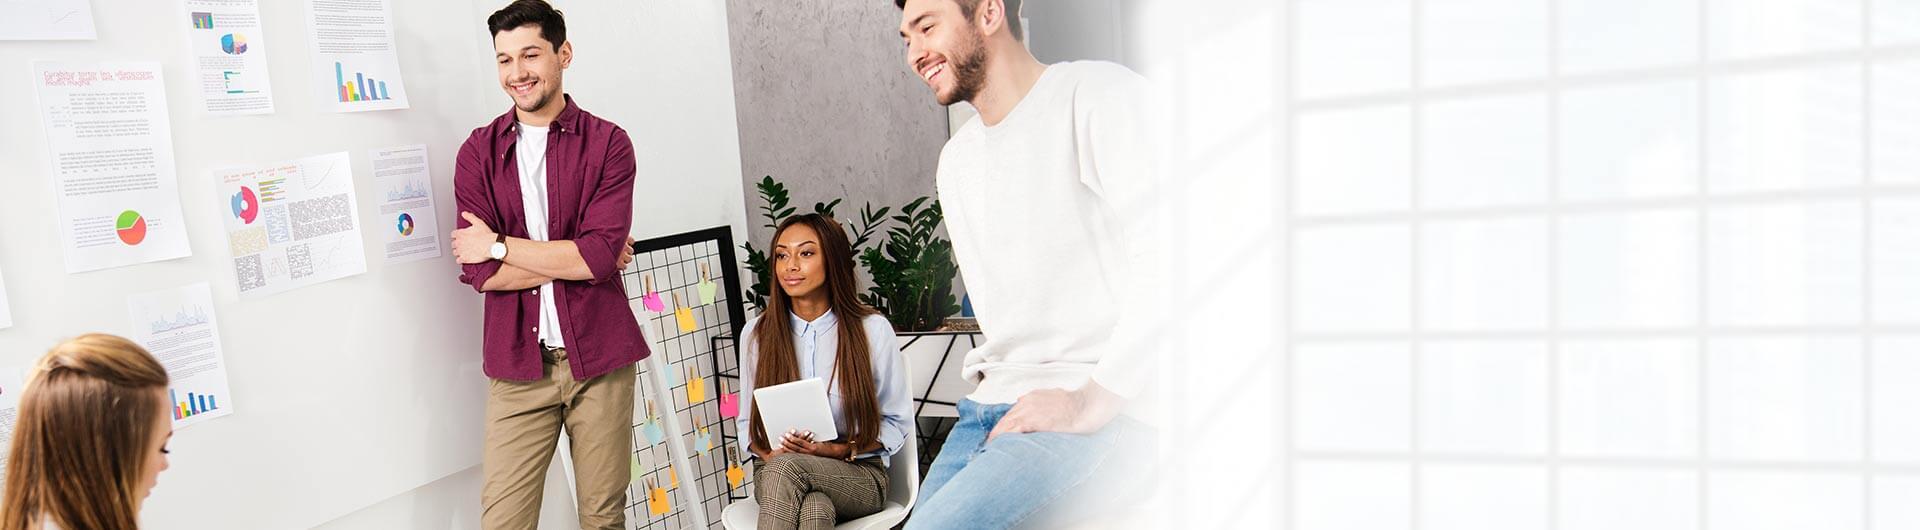 איך לפרסם עסק חדש – פרסום עסק חדש